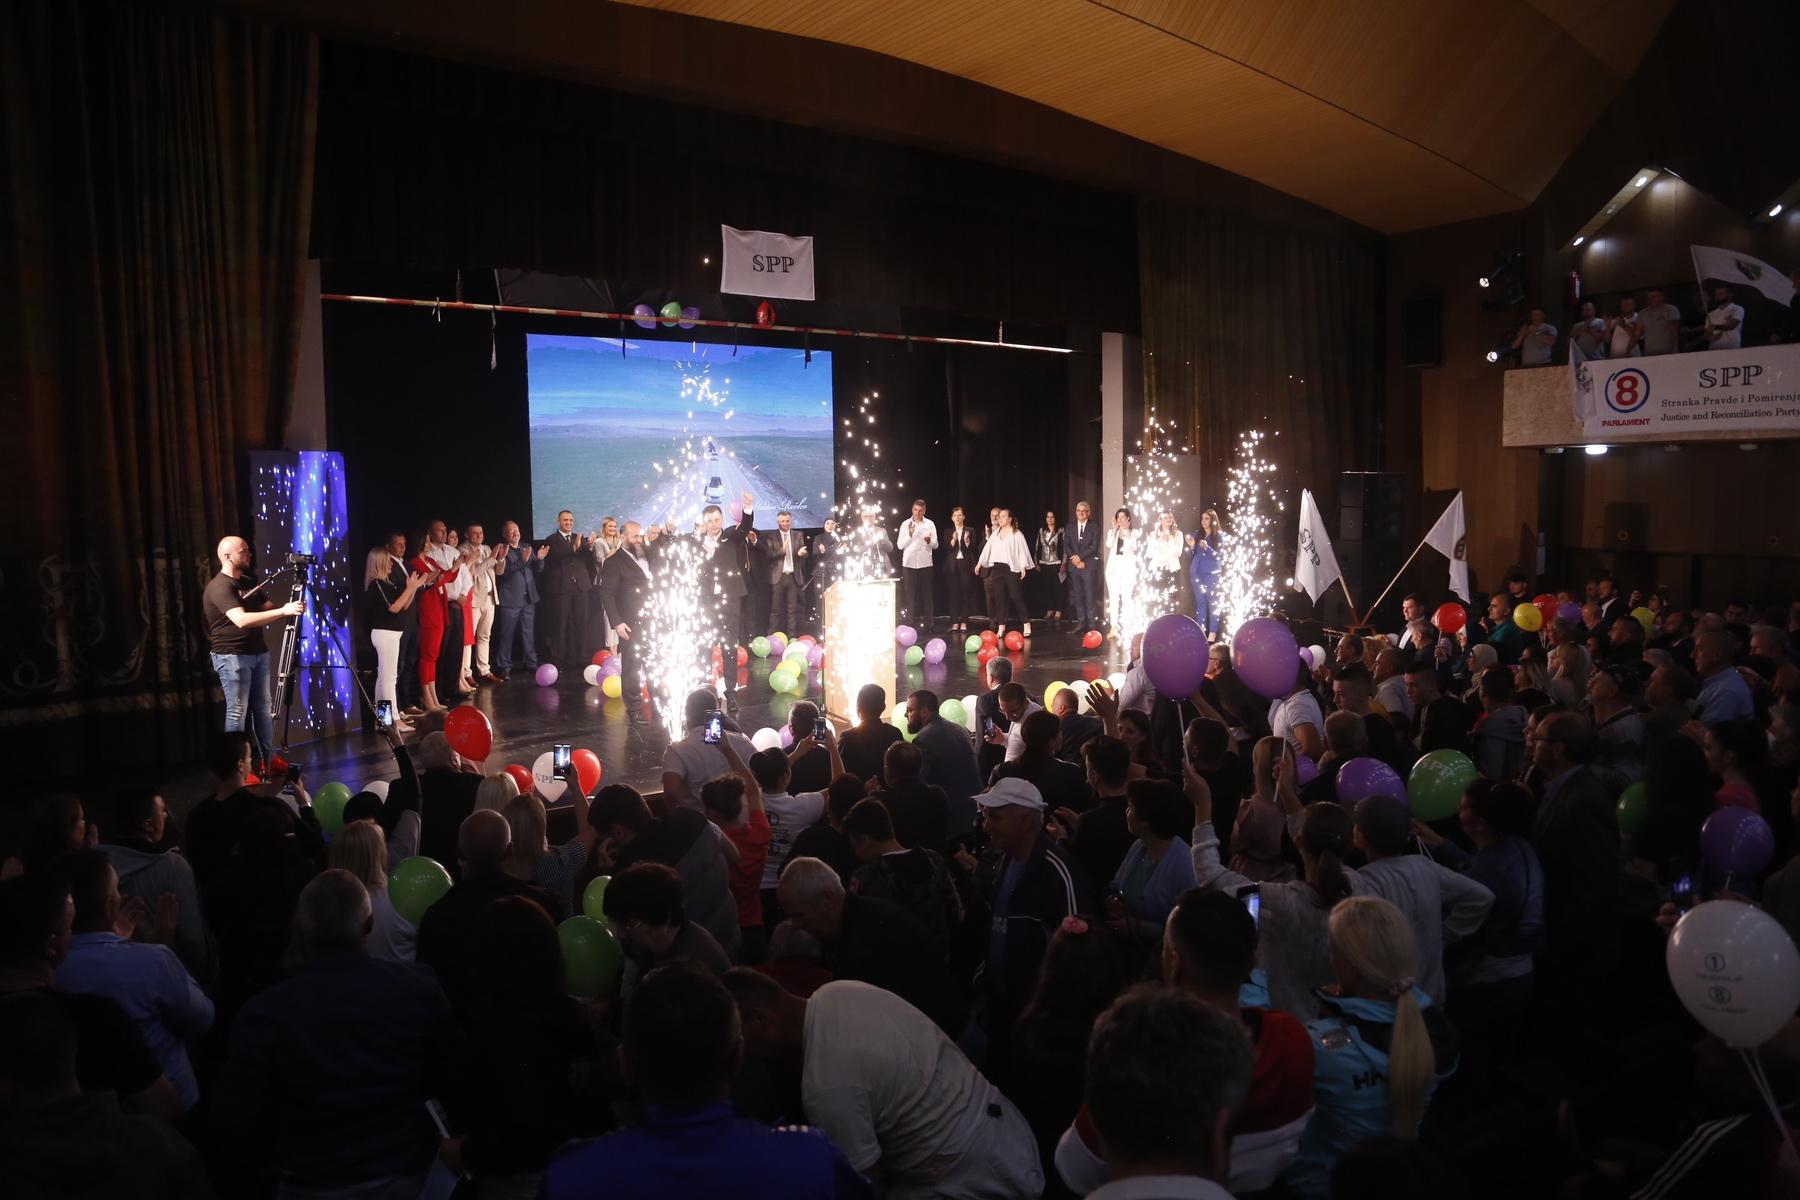 1592165400630903 - Završni miting u Prijepolju – SPP je bedem vjere, kulture i identiteta